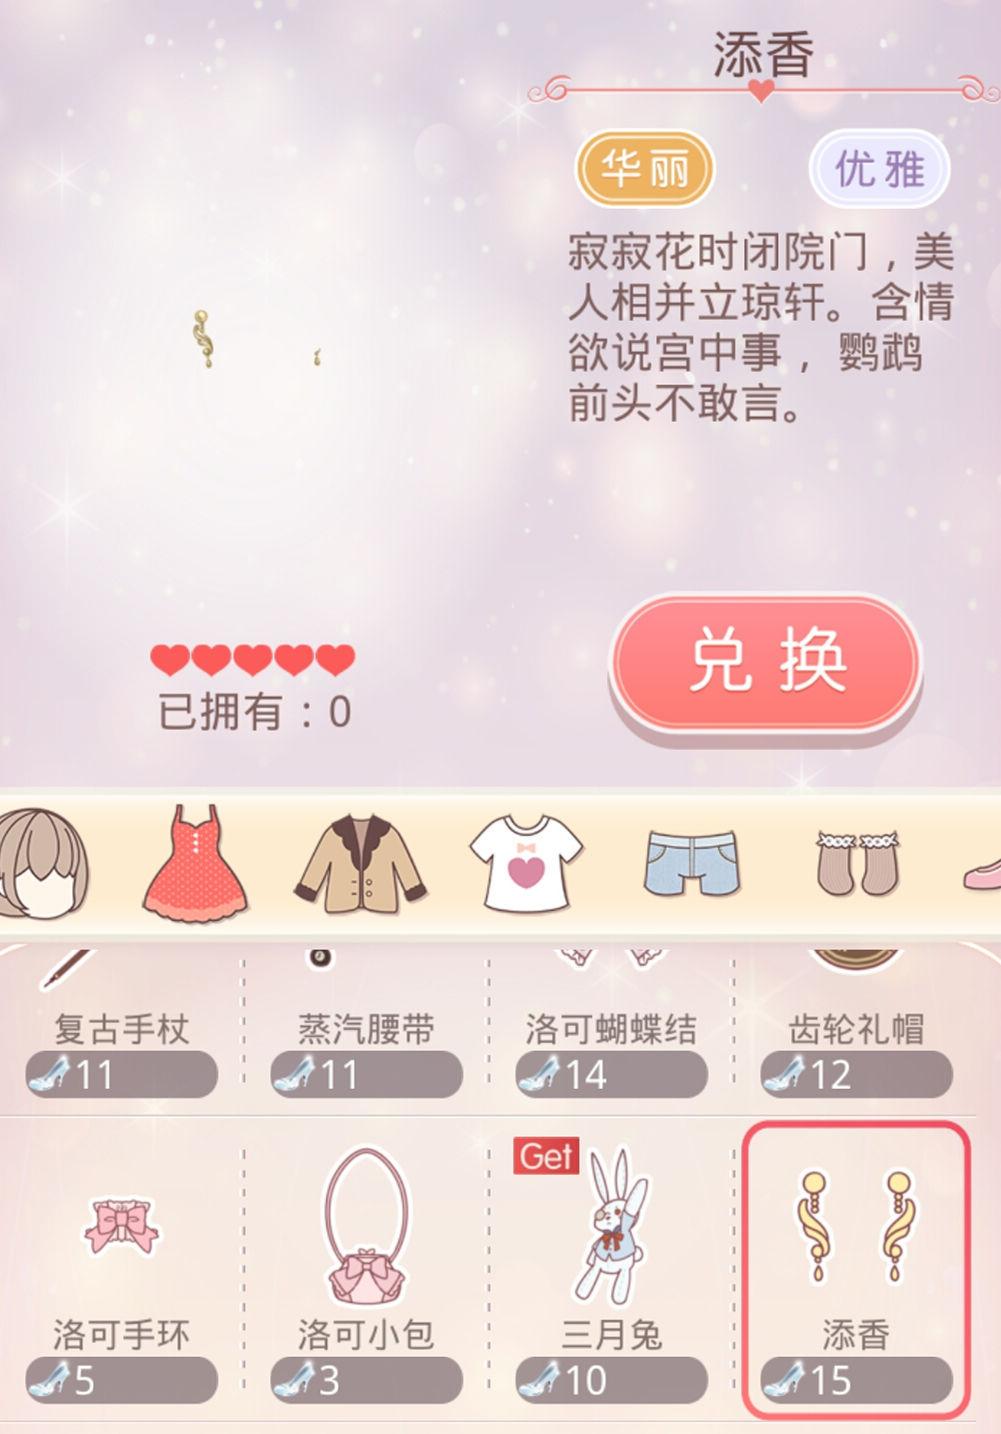 《奇迹暖暖》清宫丽影获取5.jpg